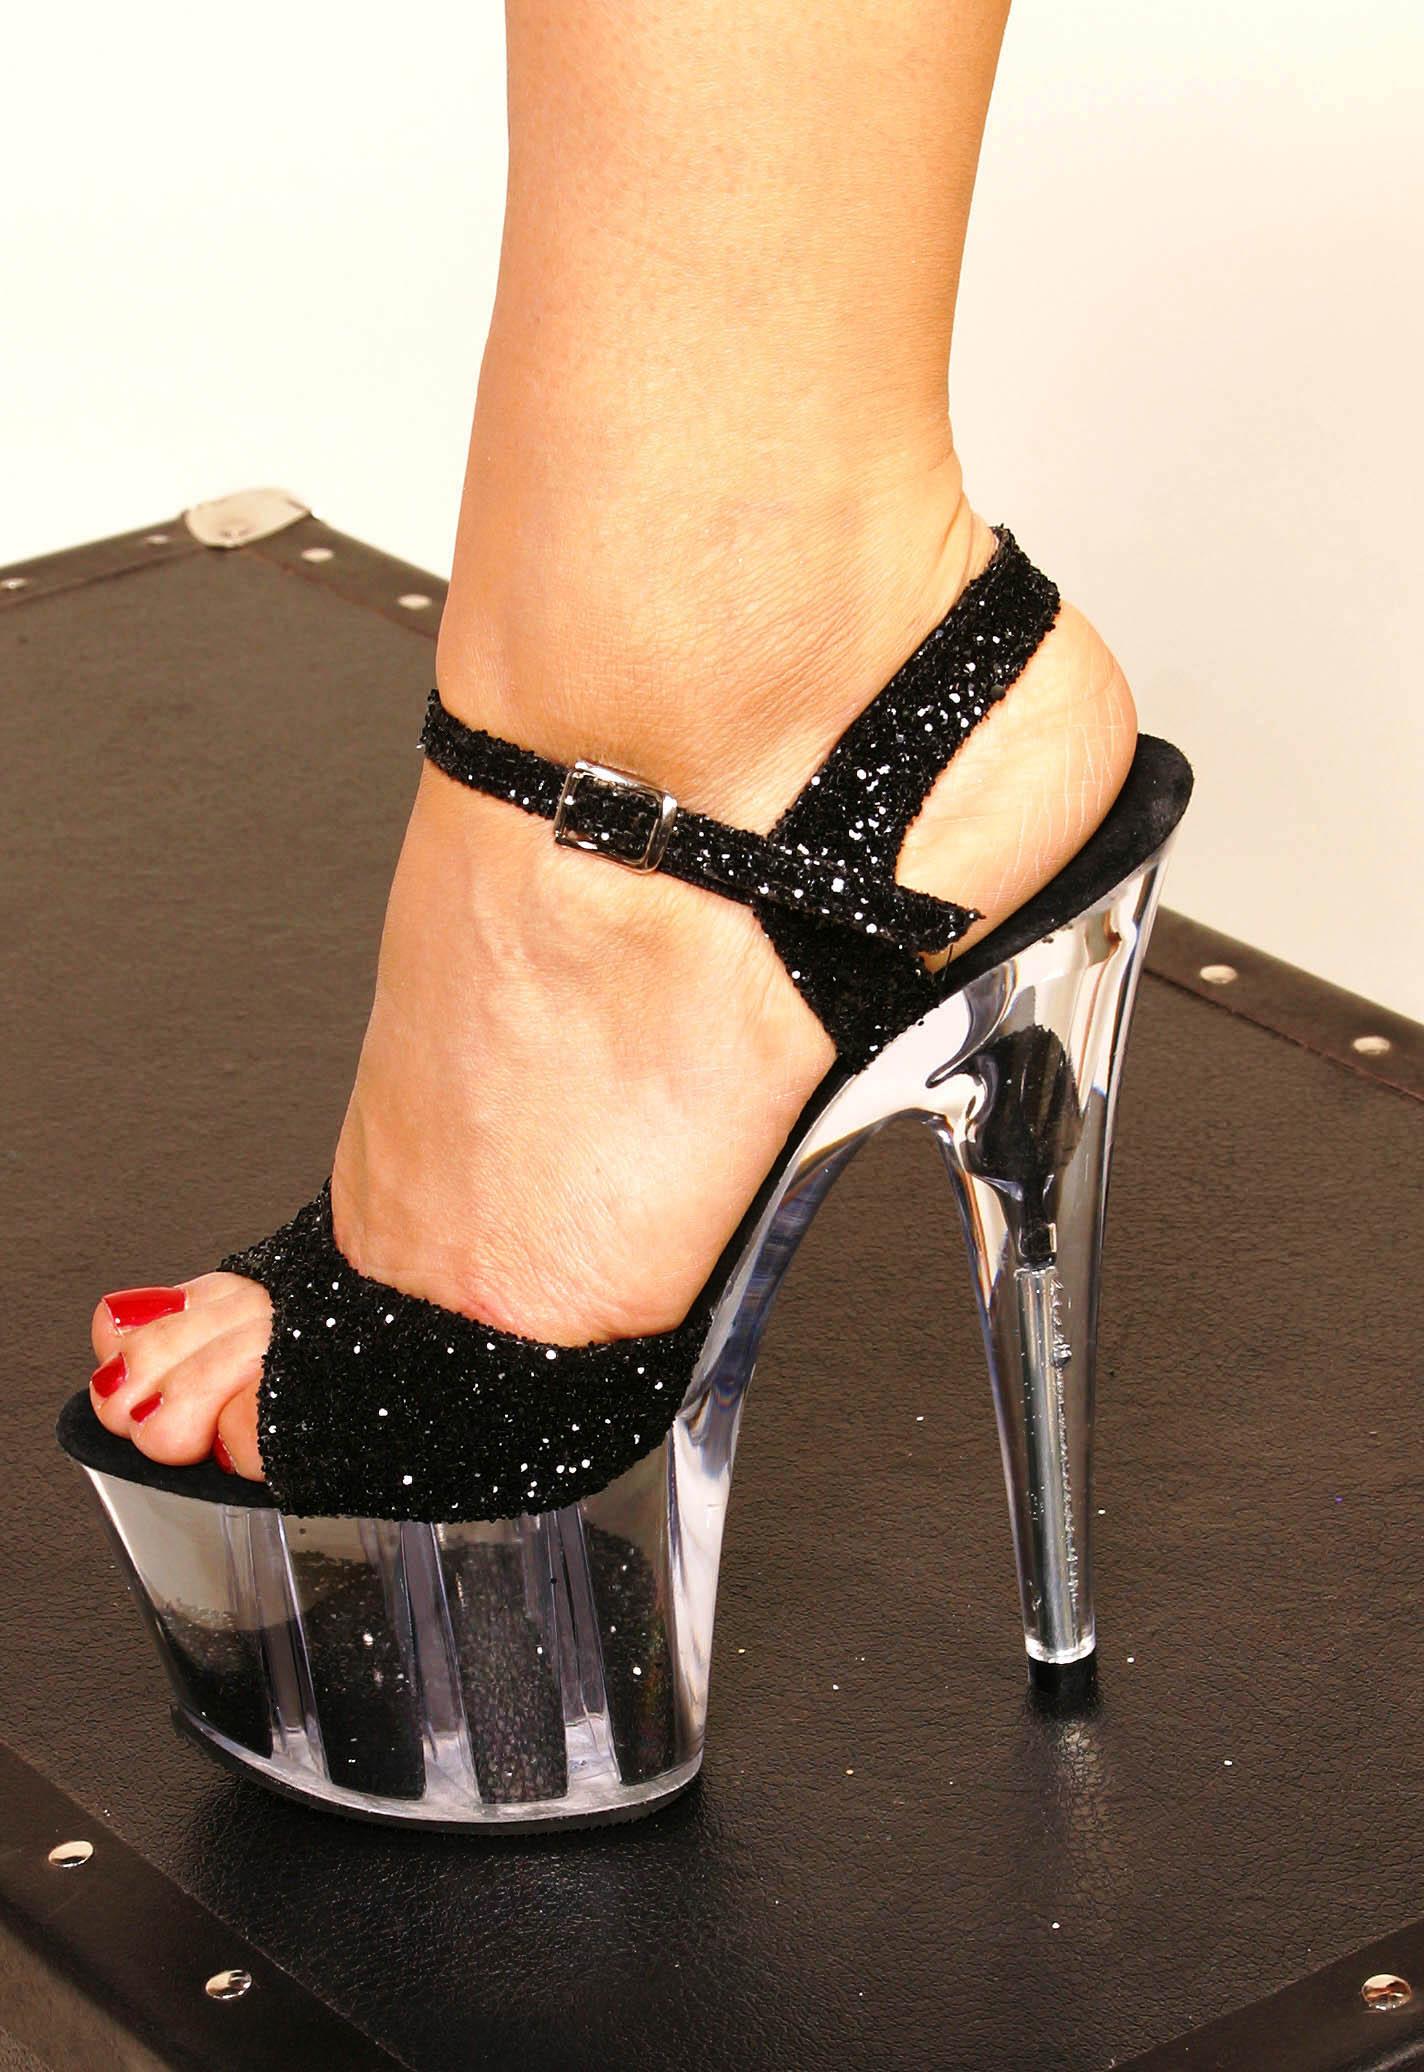 High Heels Explicit Shoes Inc